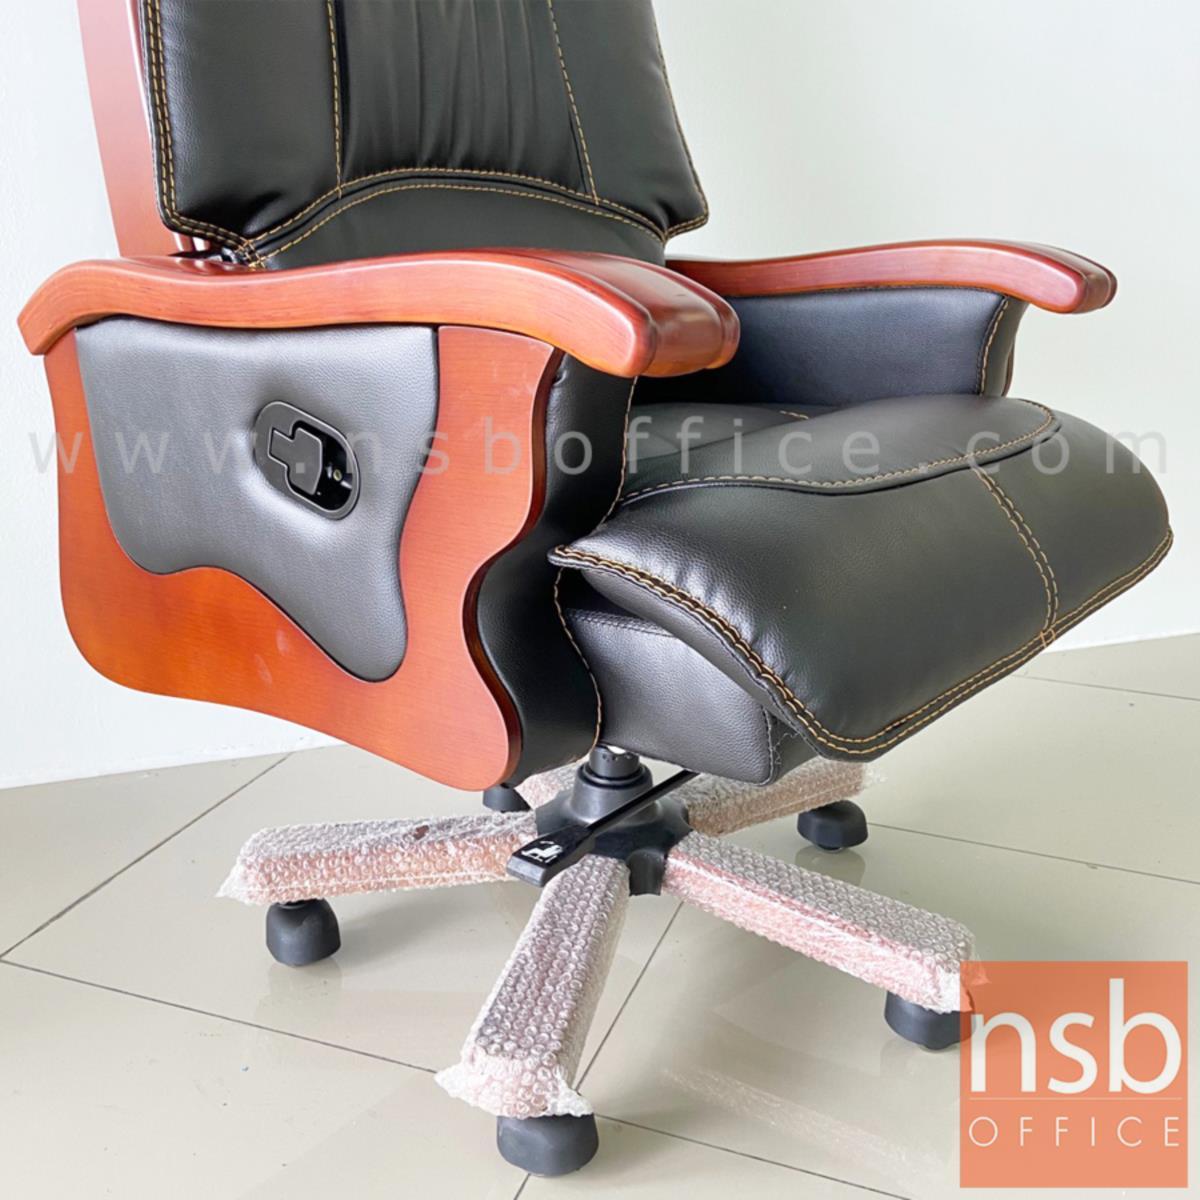 เก้าอี้ผู้บริหารหนังเทียม รุ่น Rayshawn (เรย์ชอน)  โช๊คแก๊ส มีก้อนโยก ขาไม้